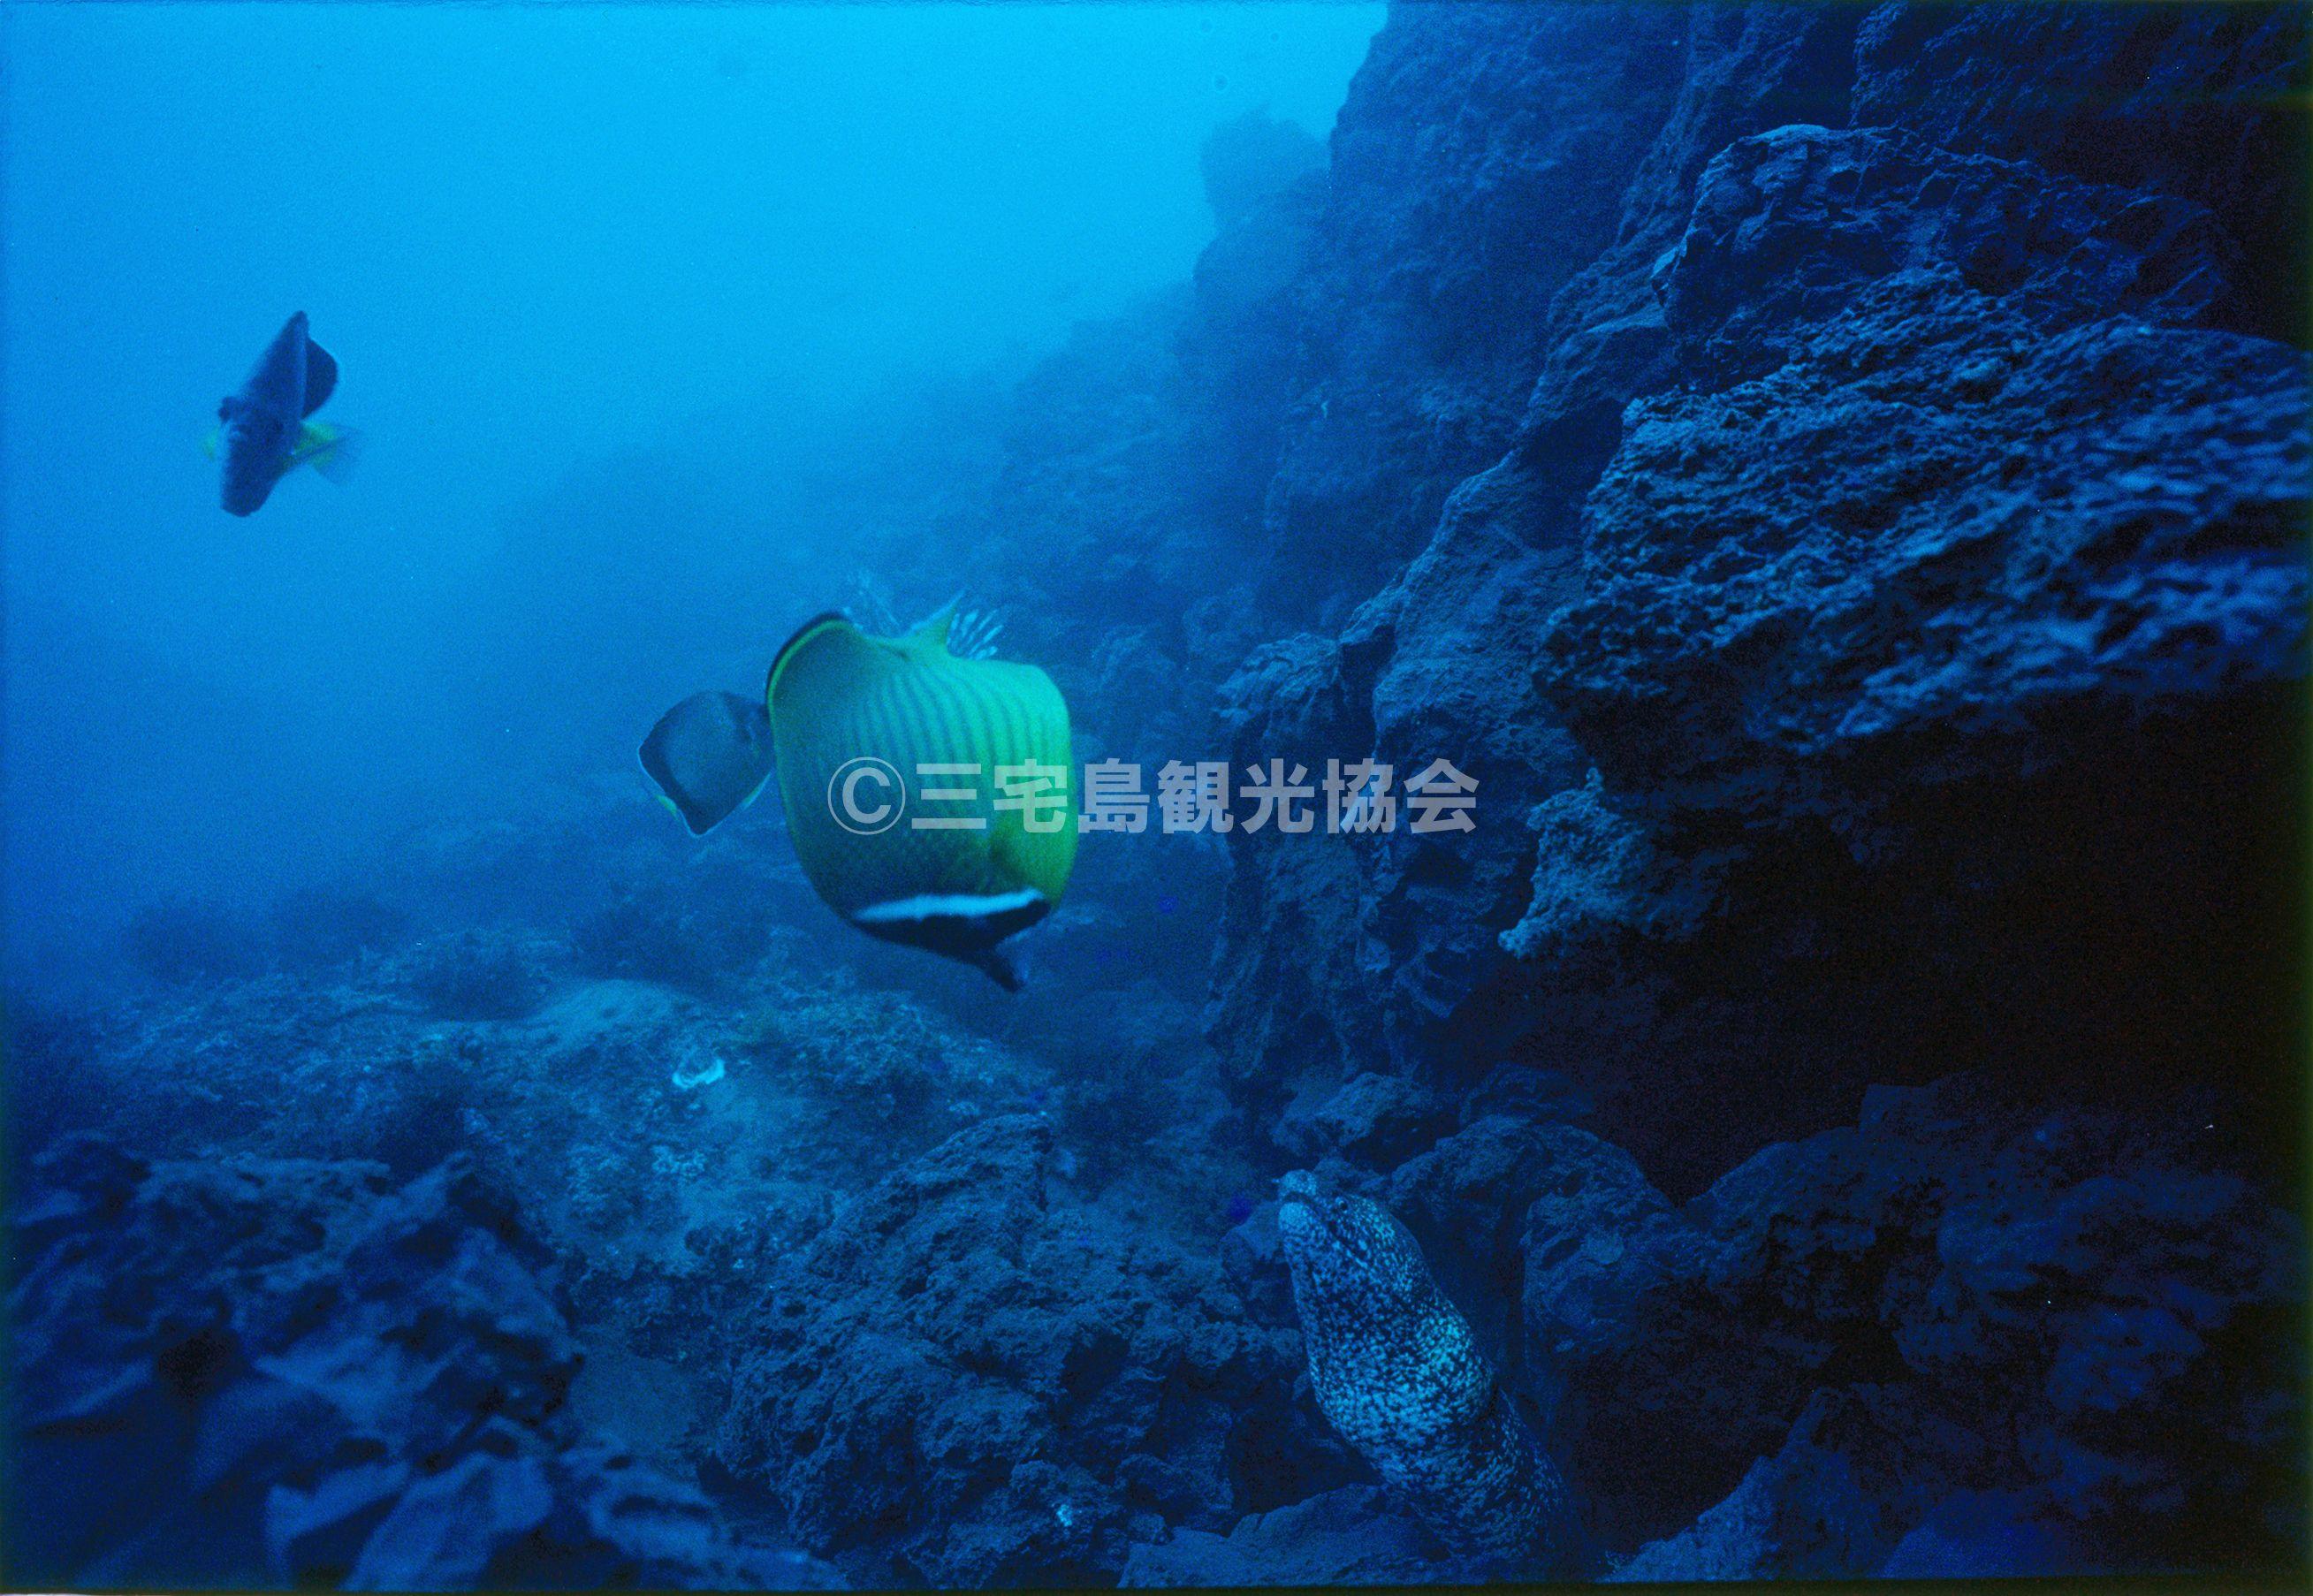 【1983(昭和58)年噴火】 海中に流れ込む溶岩